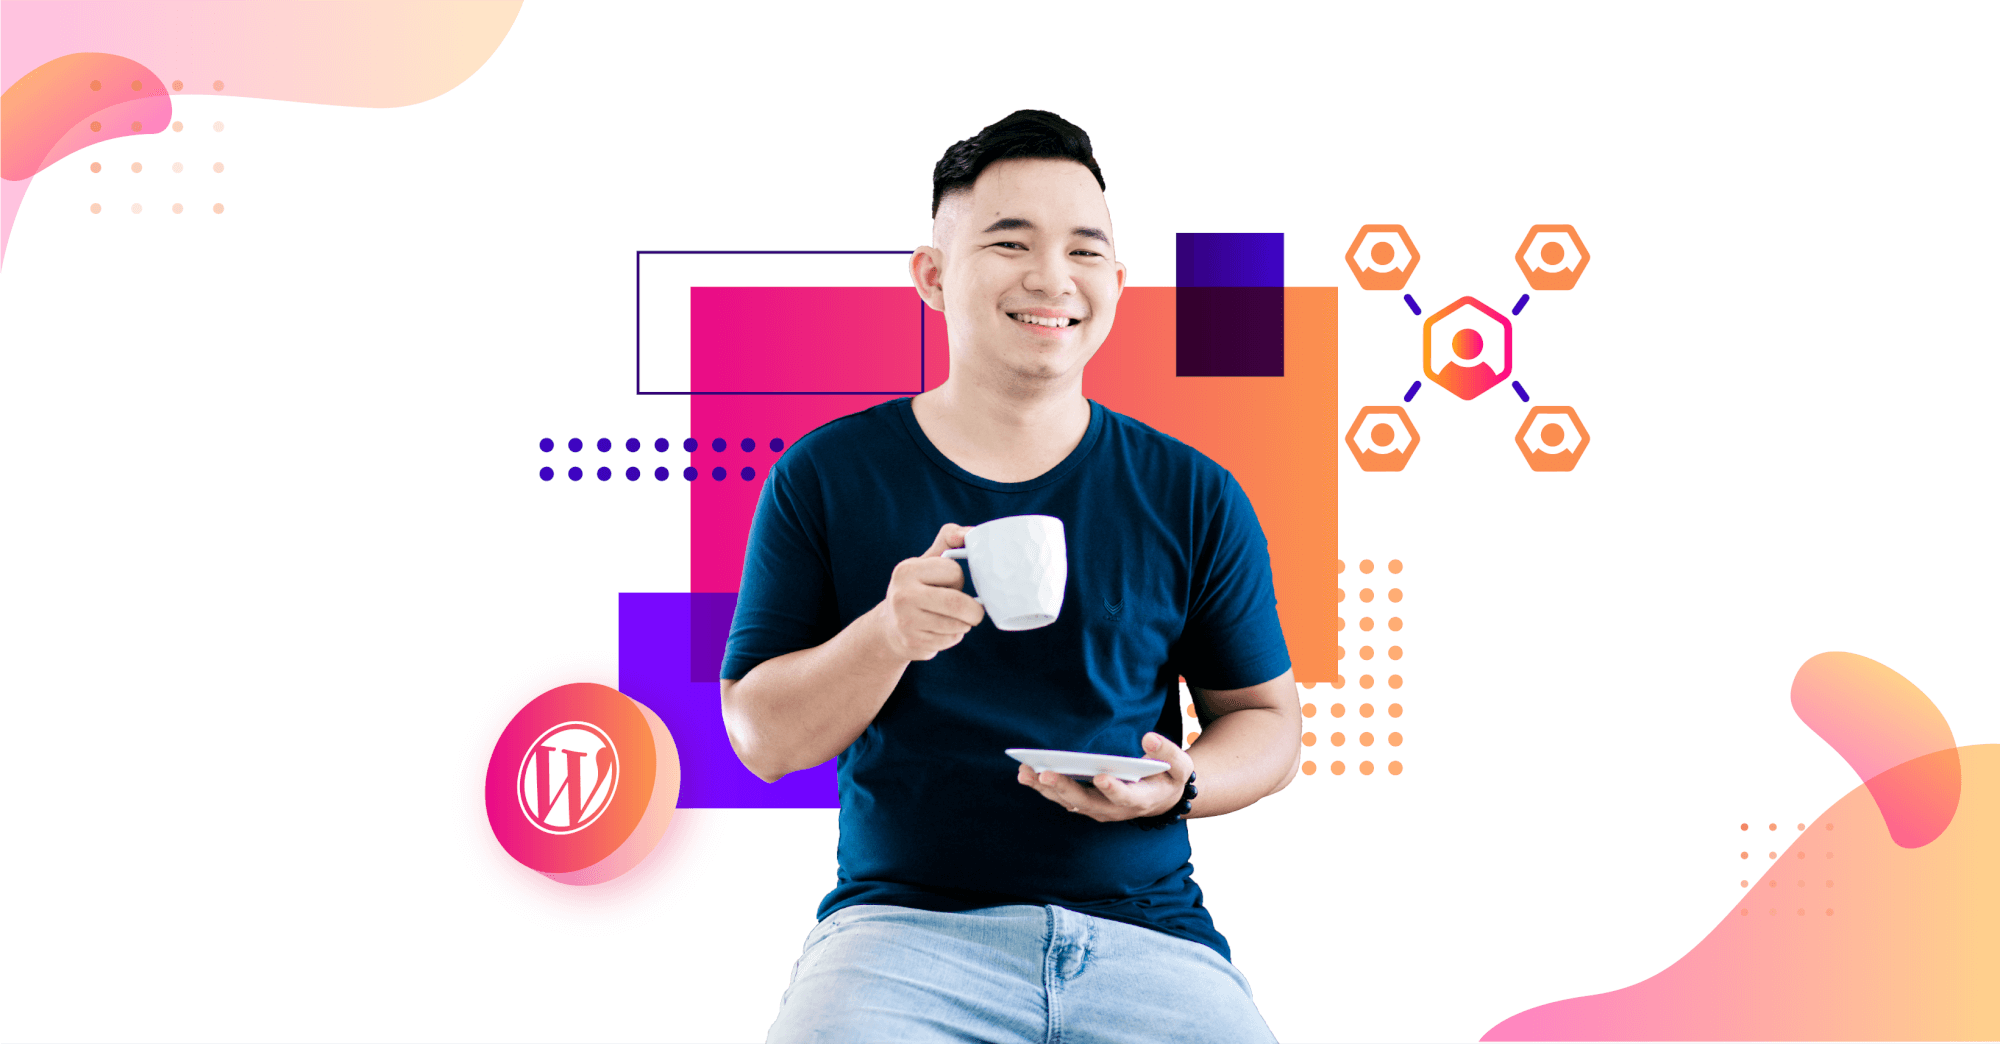 Khóa học làm website dành riêng cho người kiếm tiền với affiliate marketing: Từng bước xây dựng web mã giảm giá, web so sánh và web review sản phẩm